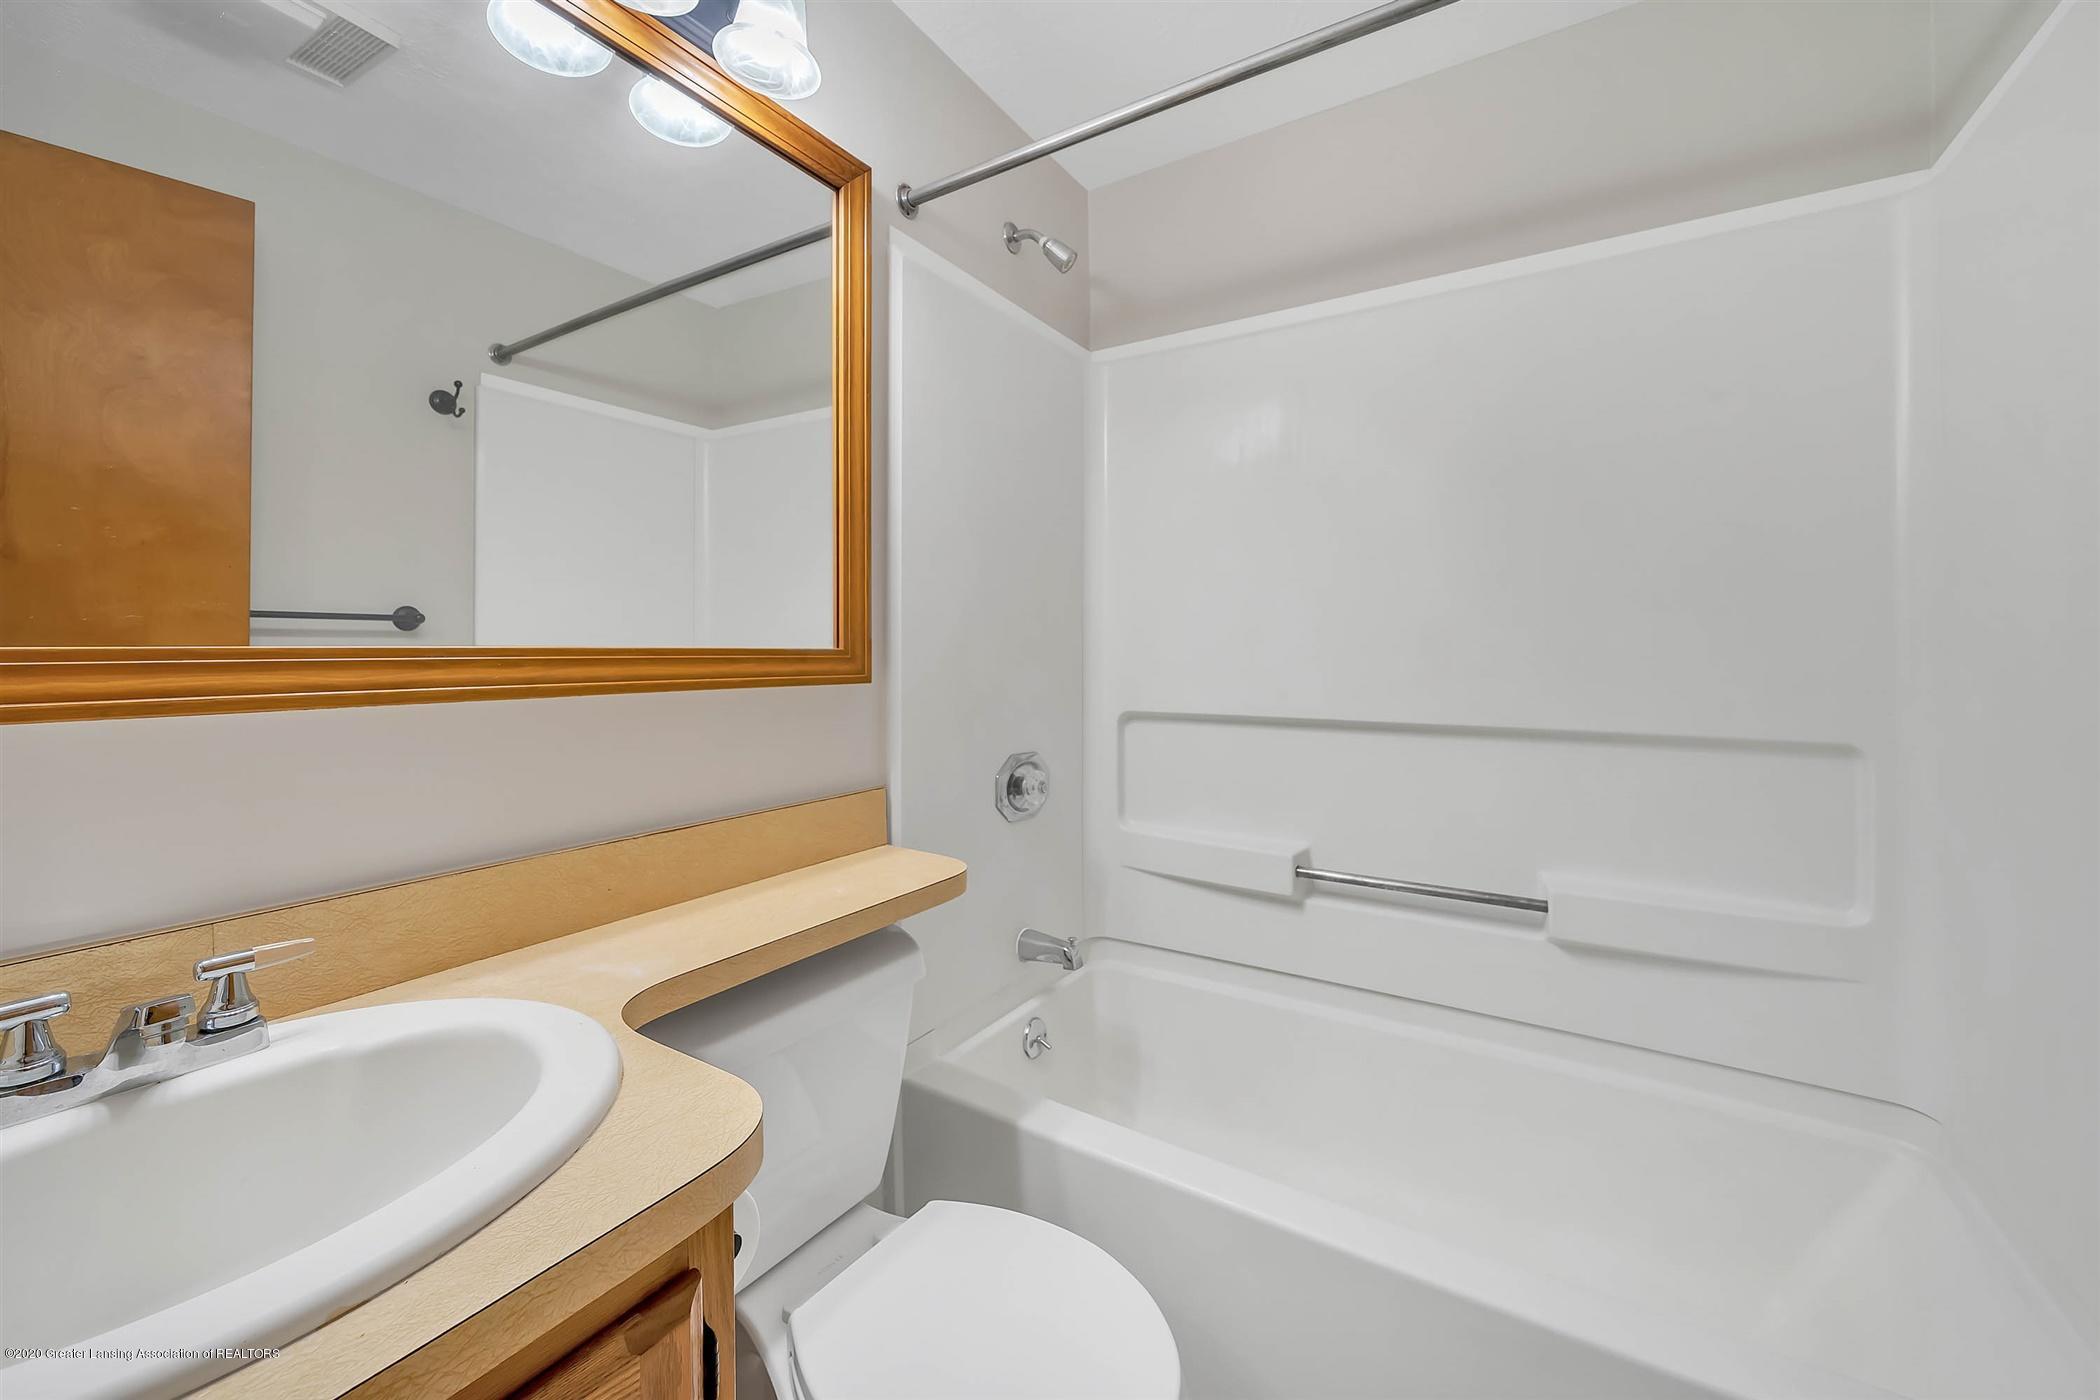 6750 W Lovejoy Rd - (29) 6756 Lovejoy Full Bathroom - 29